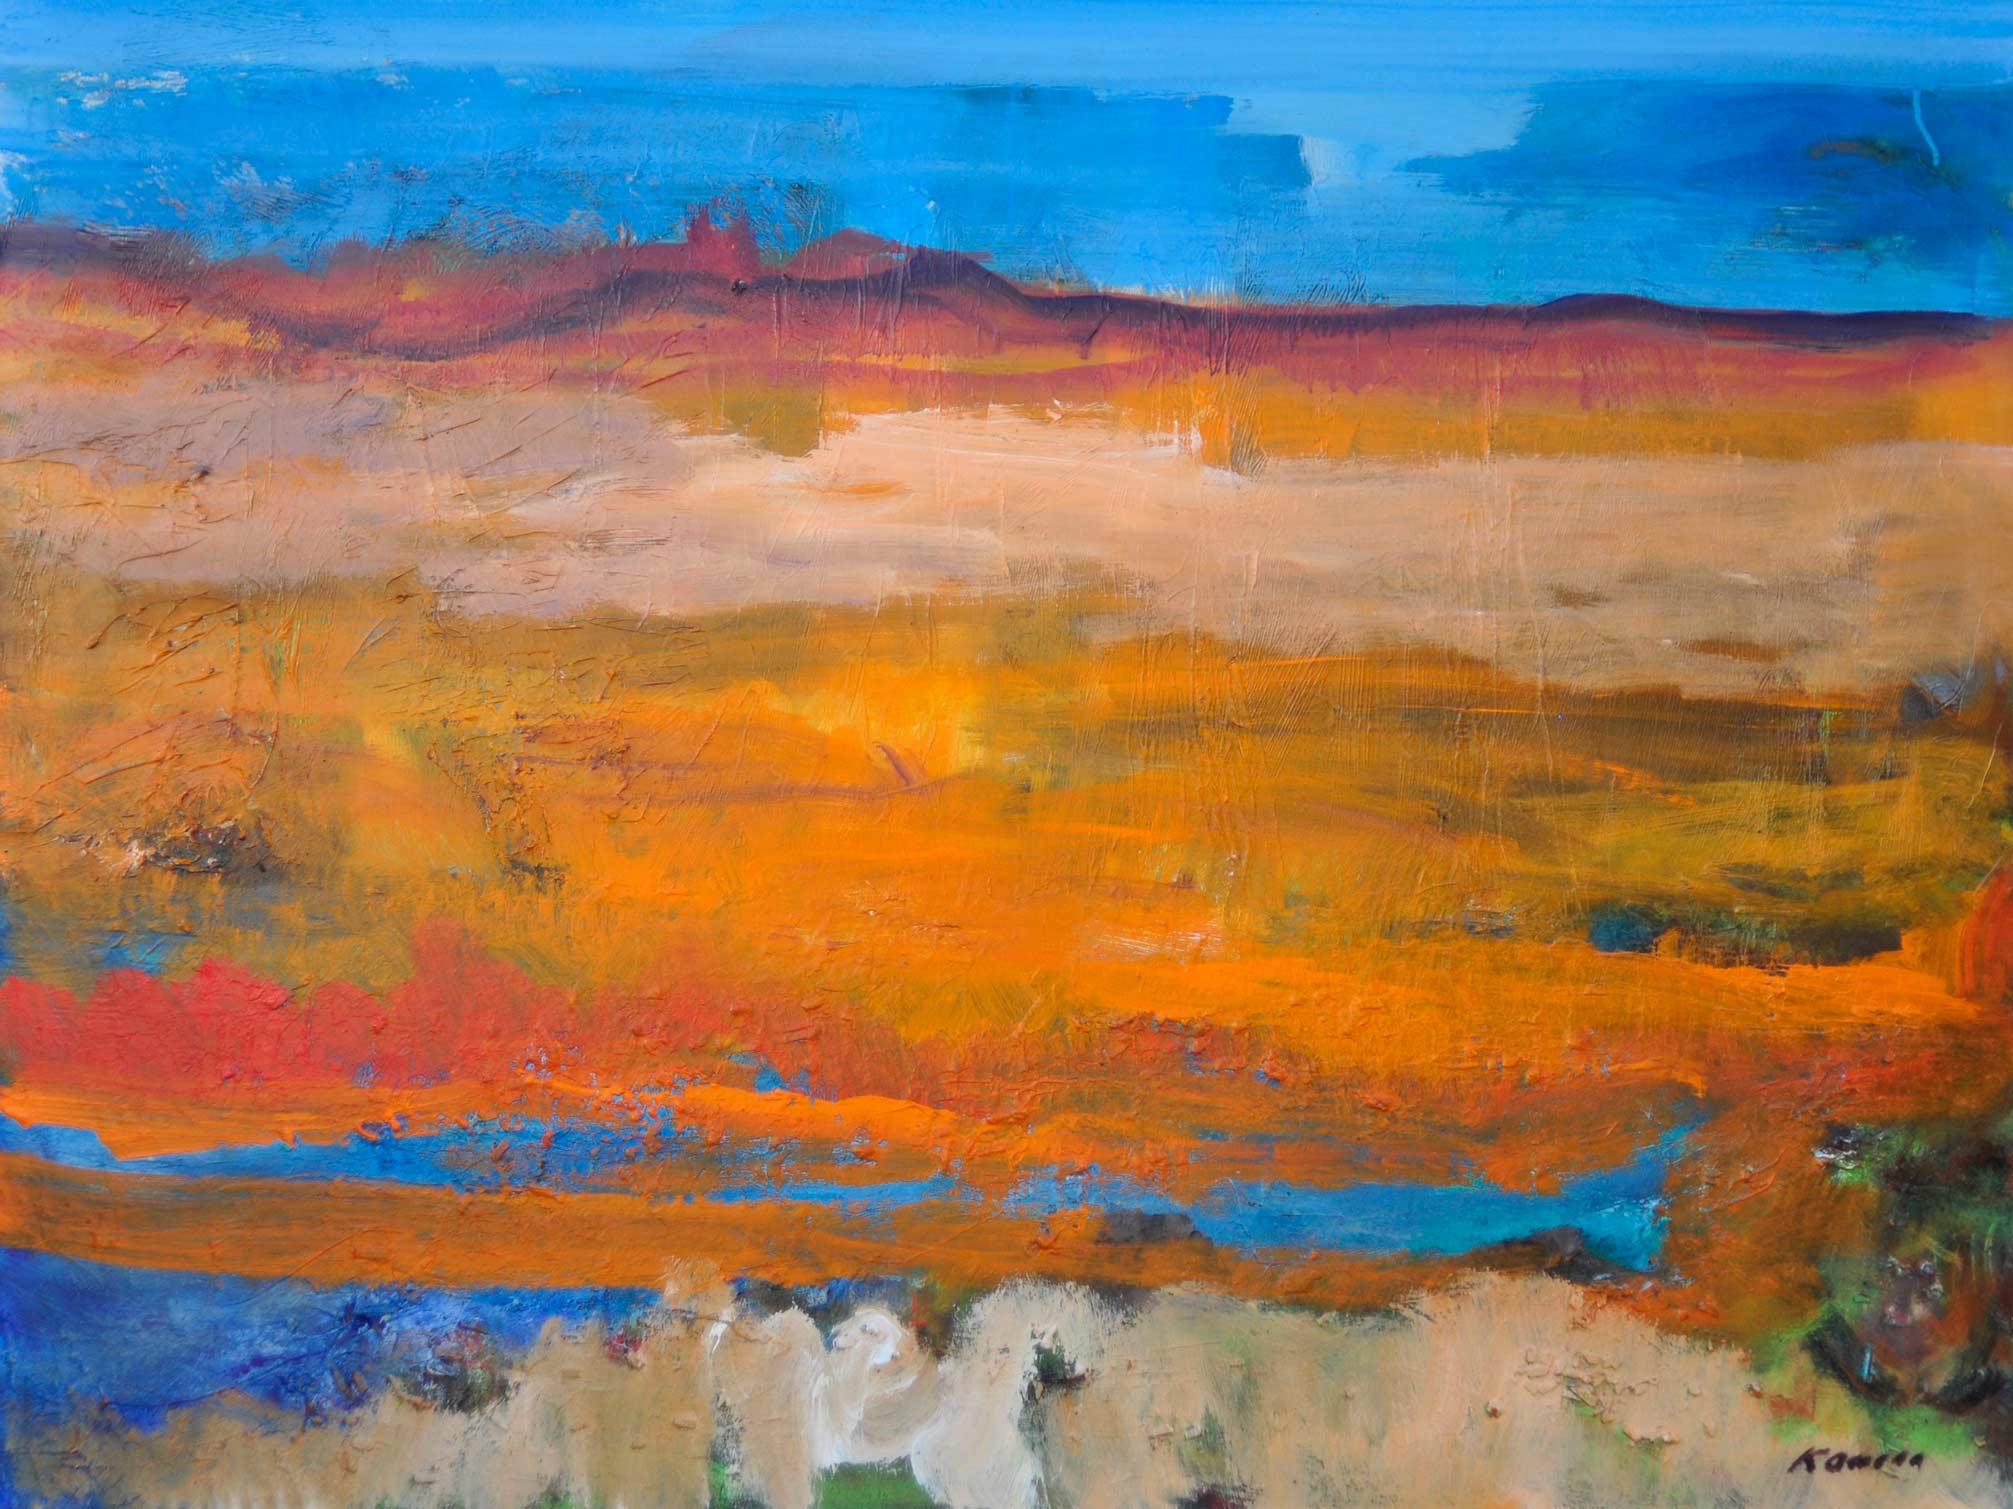 Mojave Oasis